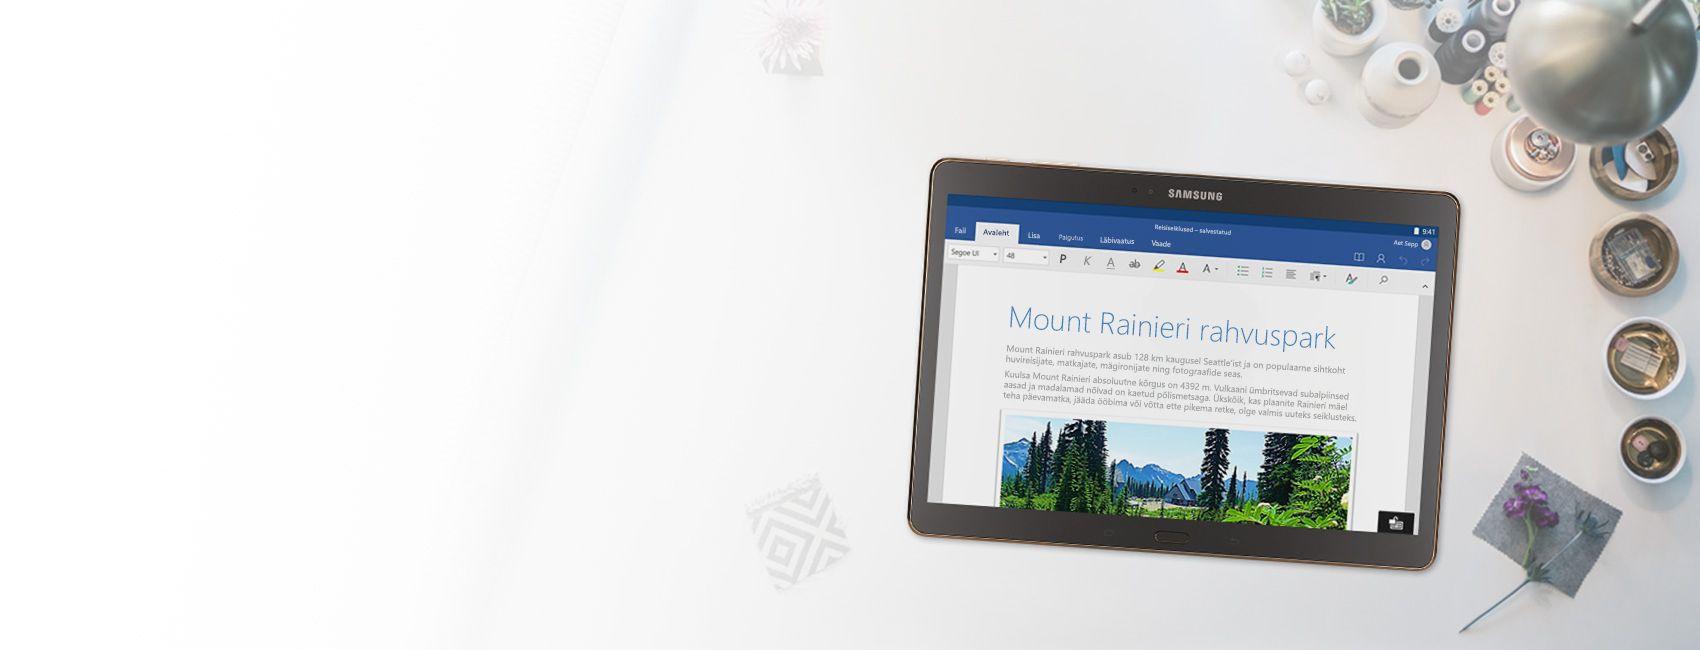 Tahvelarvuti, mille ekraanil kuvatakse Wordi dokument Mount Rainier' rahvuspargi kohta